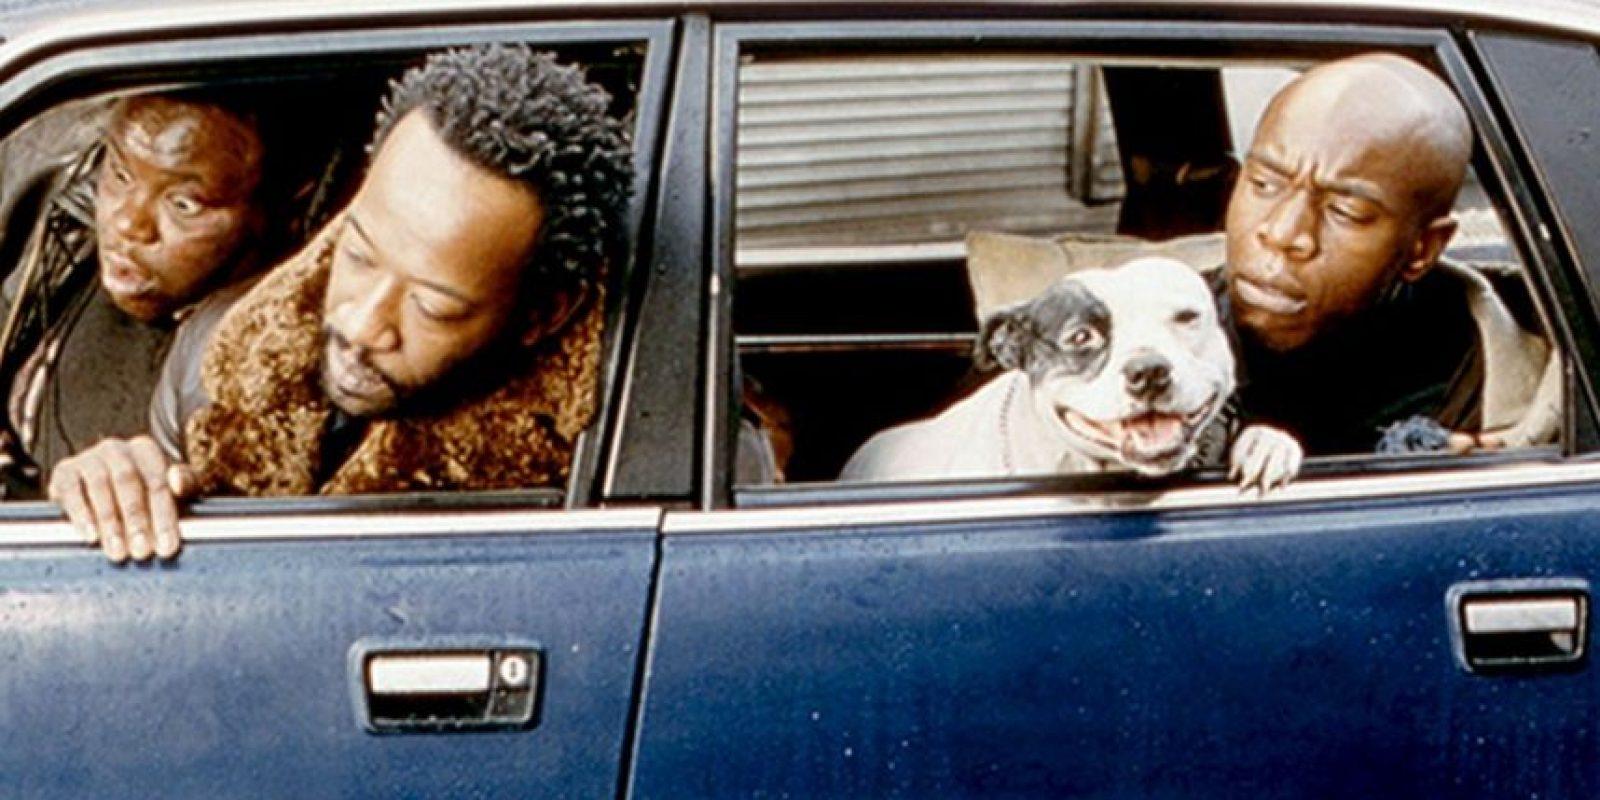 """En el año 2000 Lennie James protagonizó junto a Brad Pitt en la película """"Snatch"""" Foto:Vía imdb.com"""